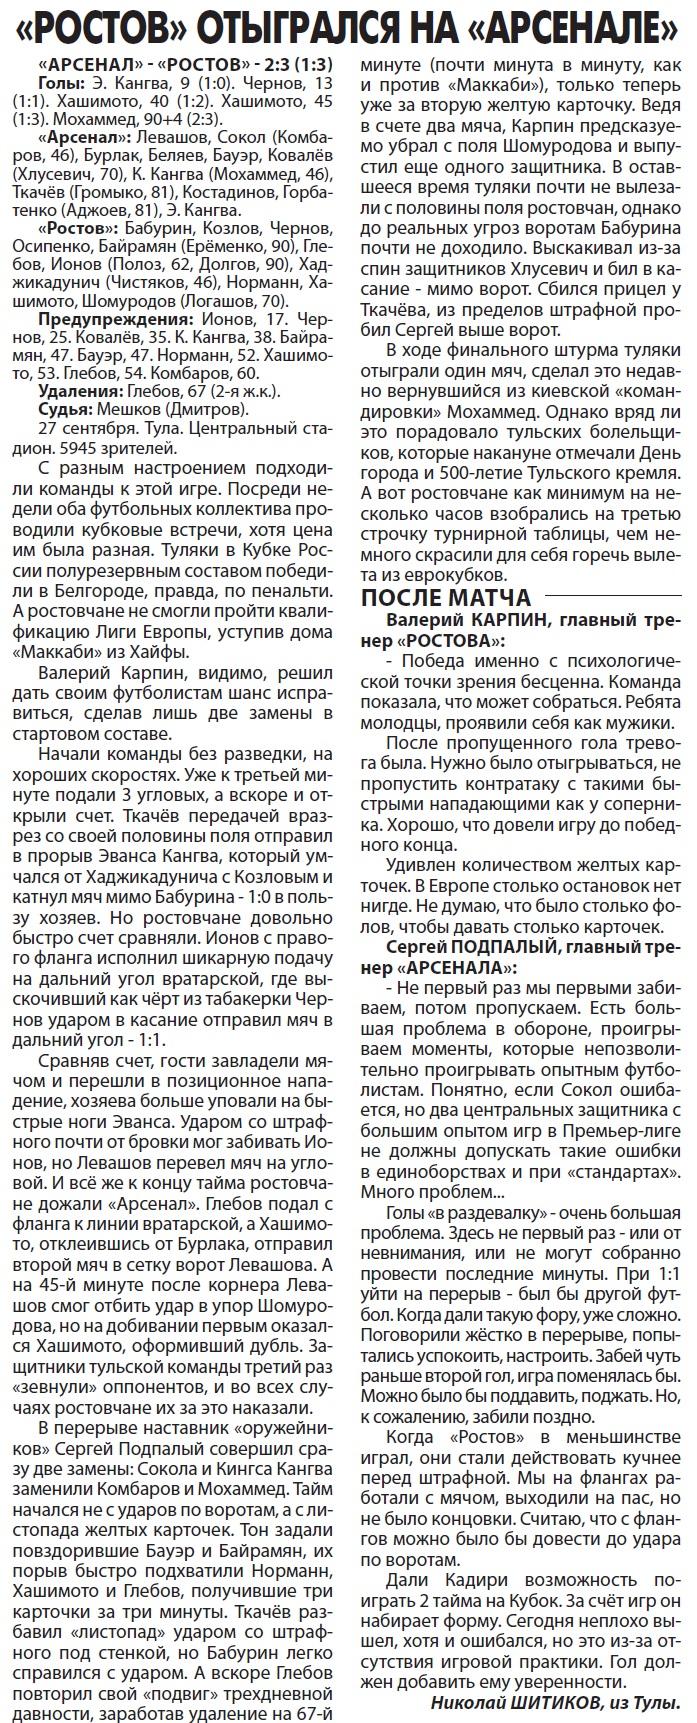 Арсенал (Тула) - Ростов (Ростов-на-Дону) 2:3